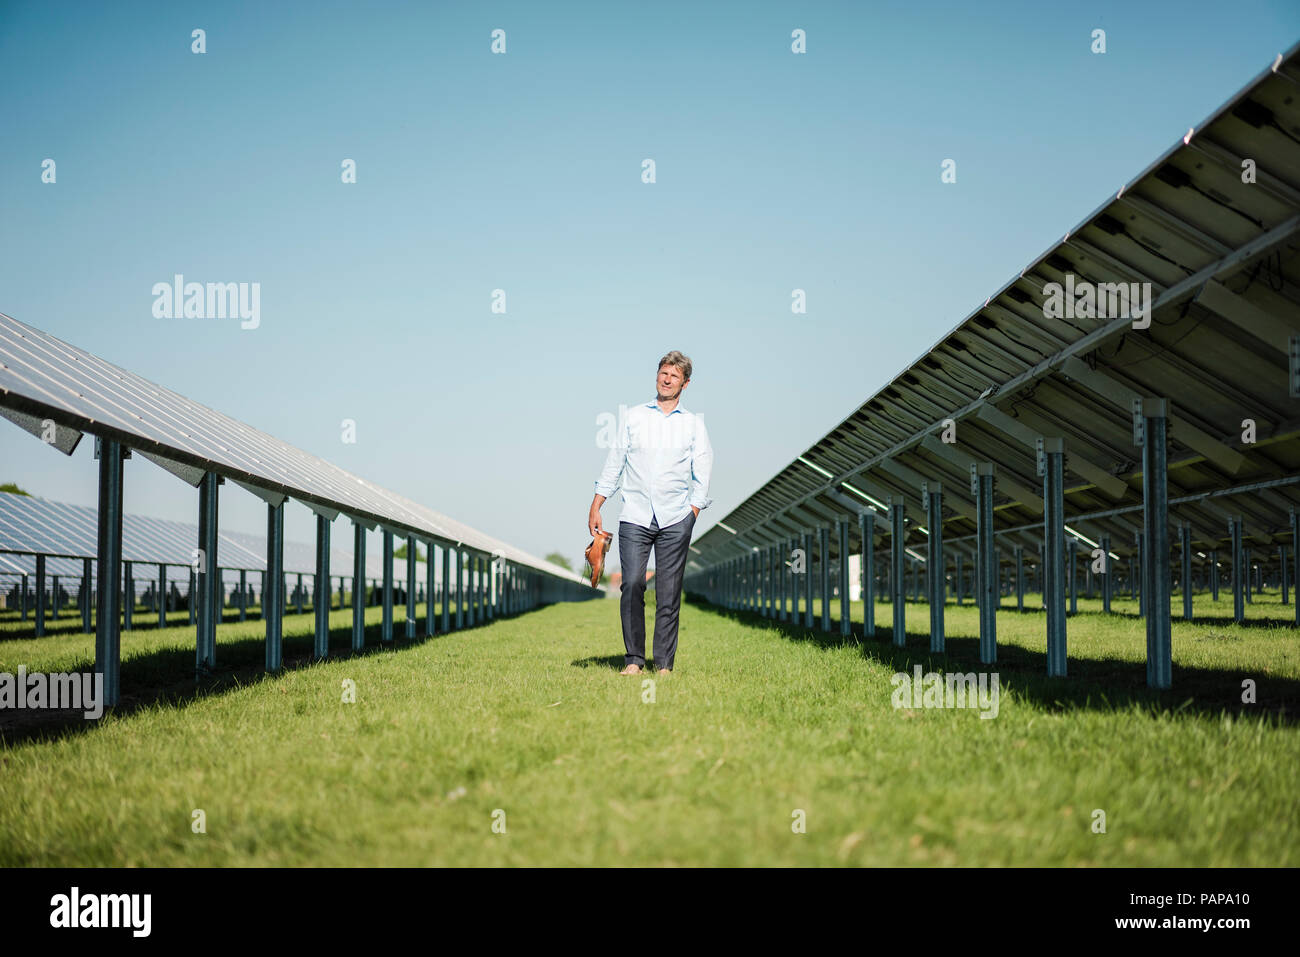 Hombre maduro caminar descalzo sobre pradera entre paneles solares Imagen De Stock